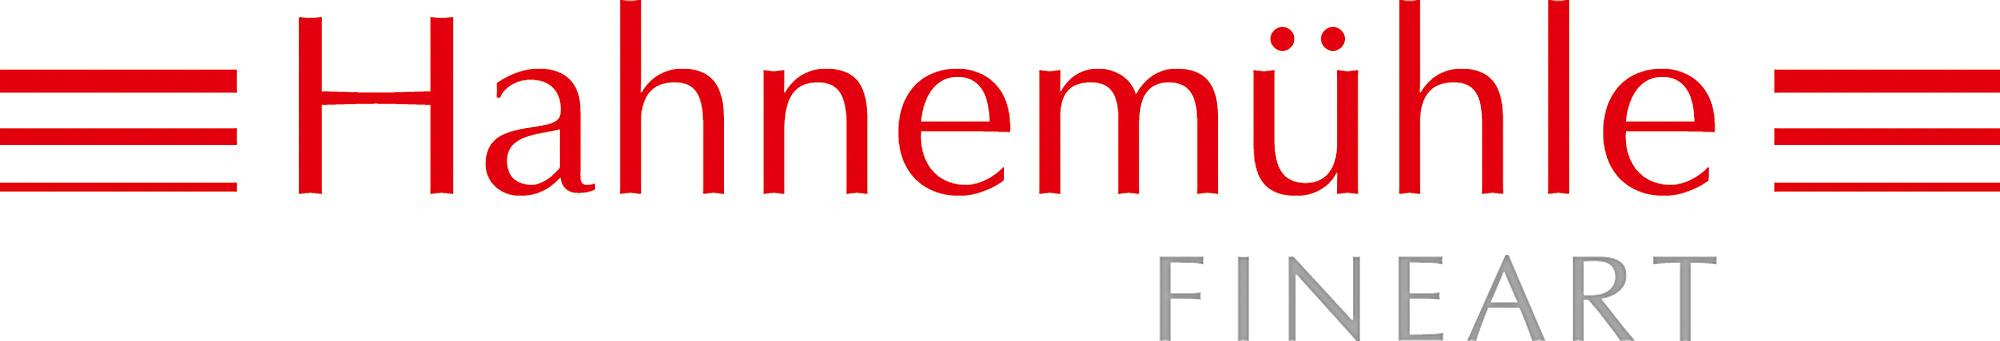 Hahnemuhle-logo